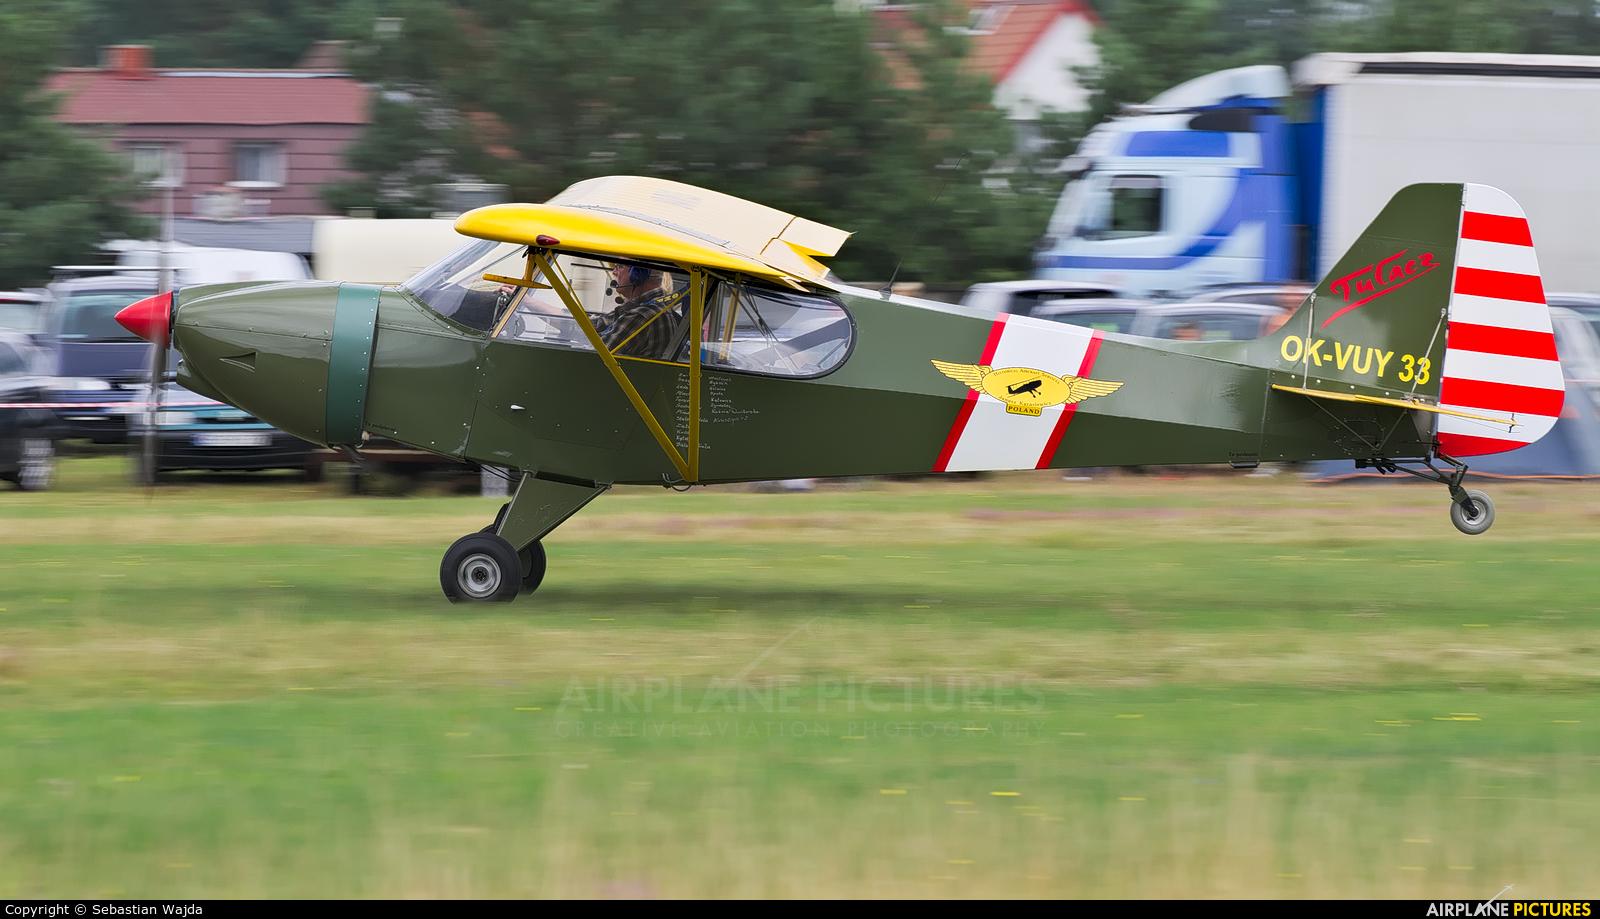 Private OK-VUY 33 aircraft at Borne Sulinowo